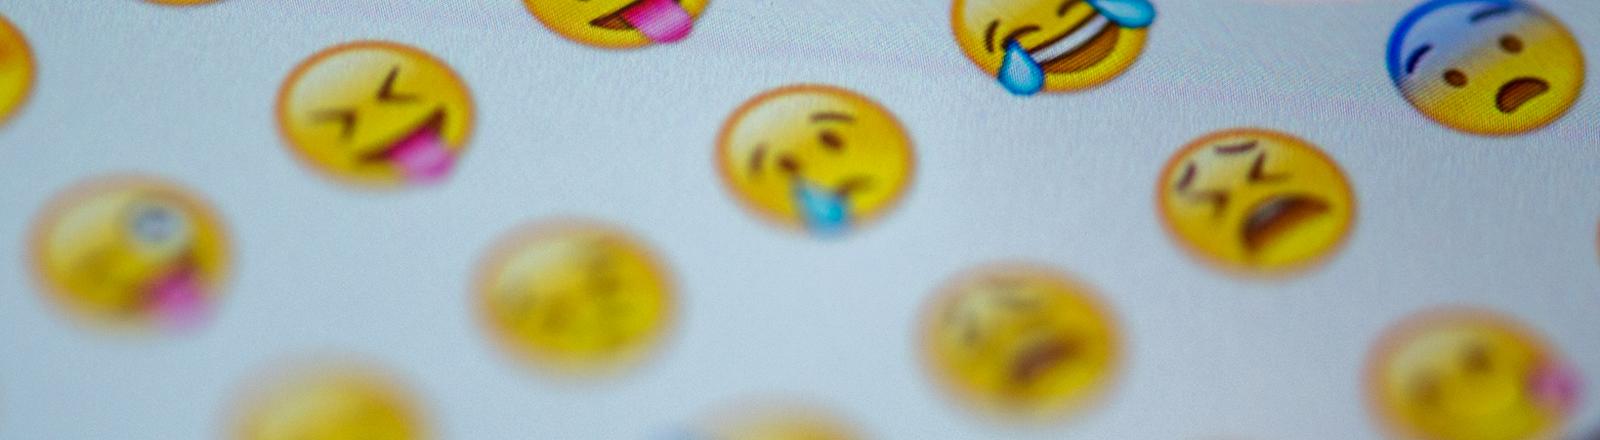 Unterschiedliche Smileys auf der WhatsApp-Oberfläche.